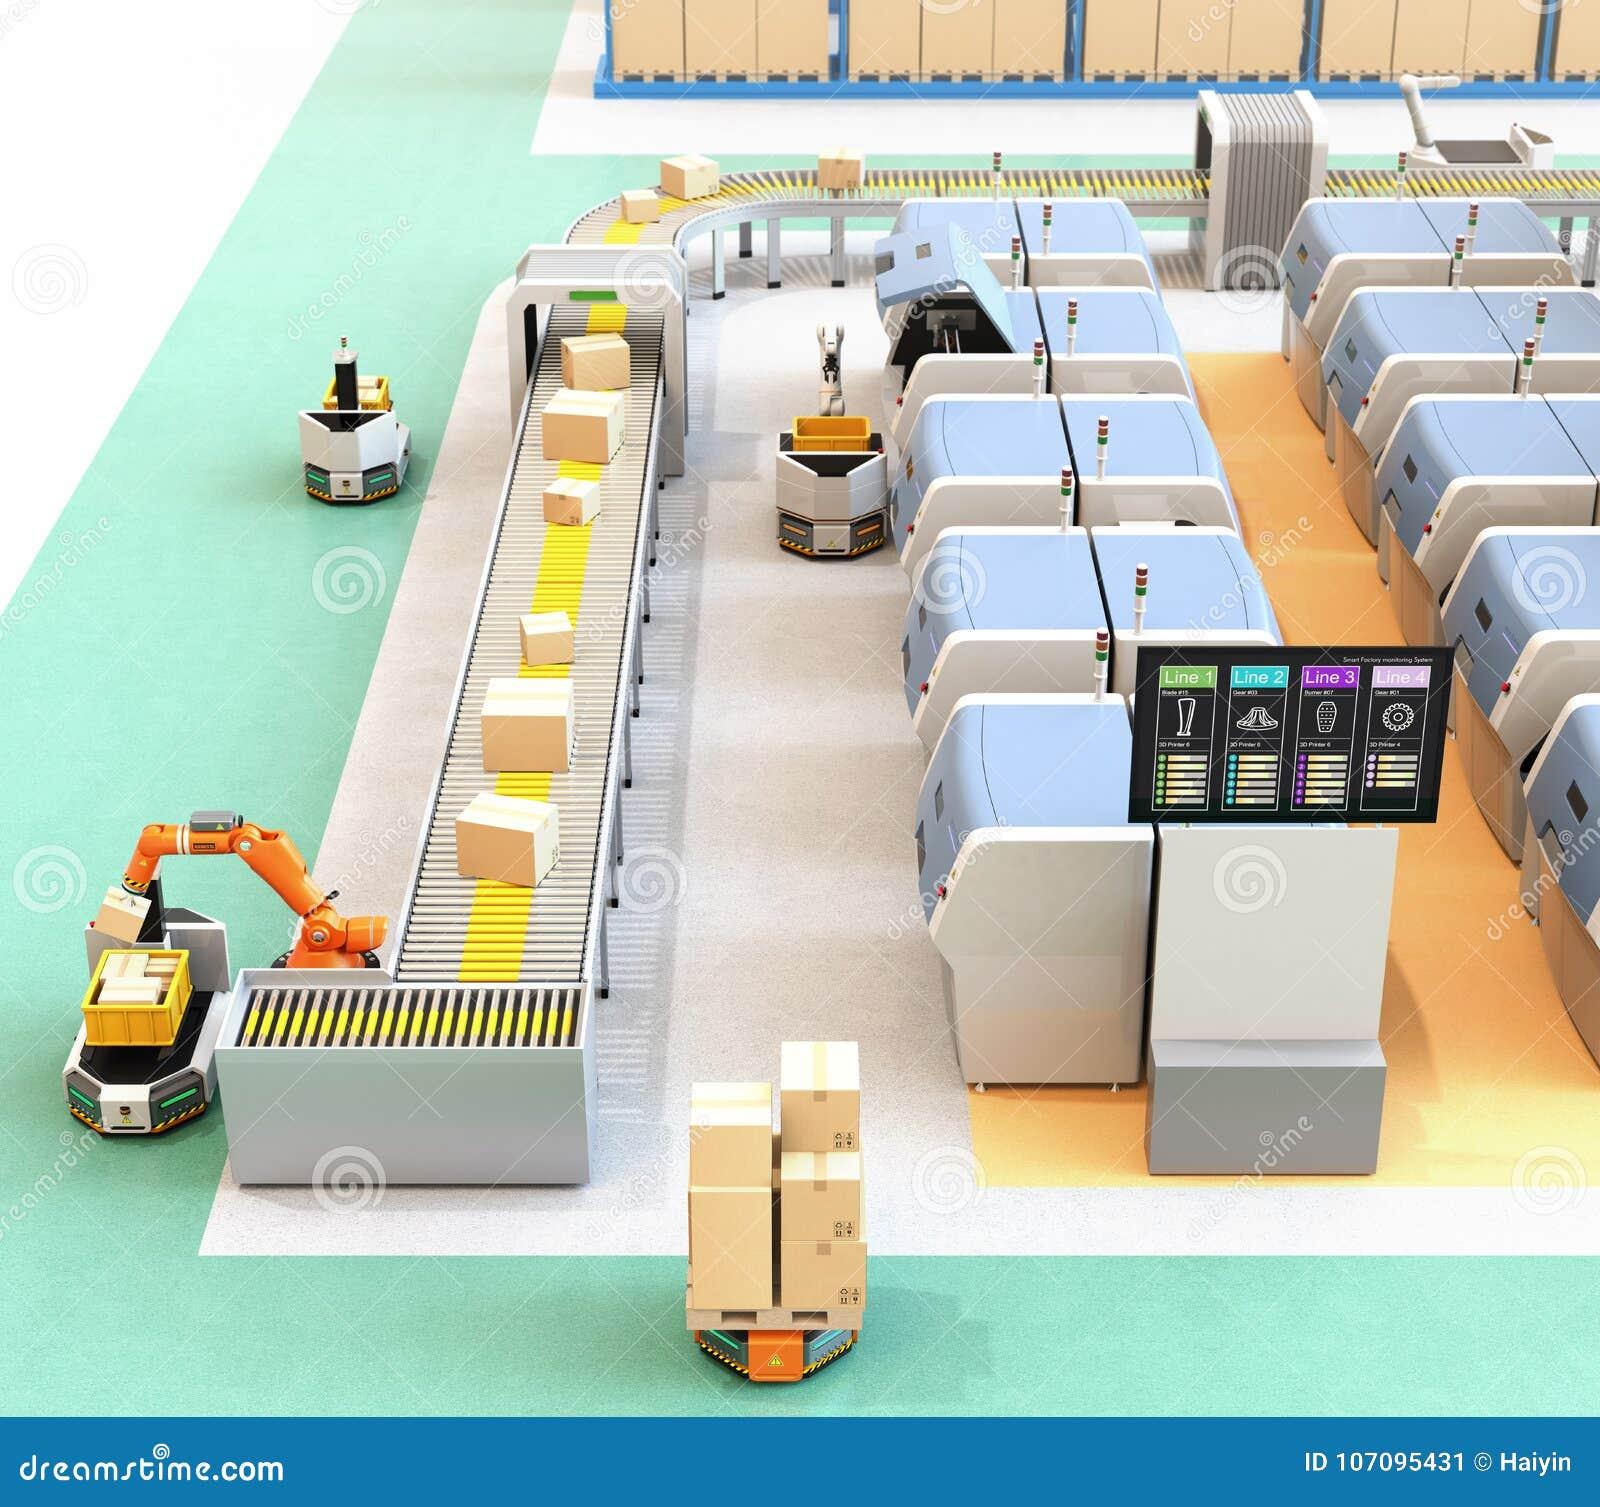 Slimme fabriek met AGV, robotdrager, 3D printers en robotachtig het plukken systeem